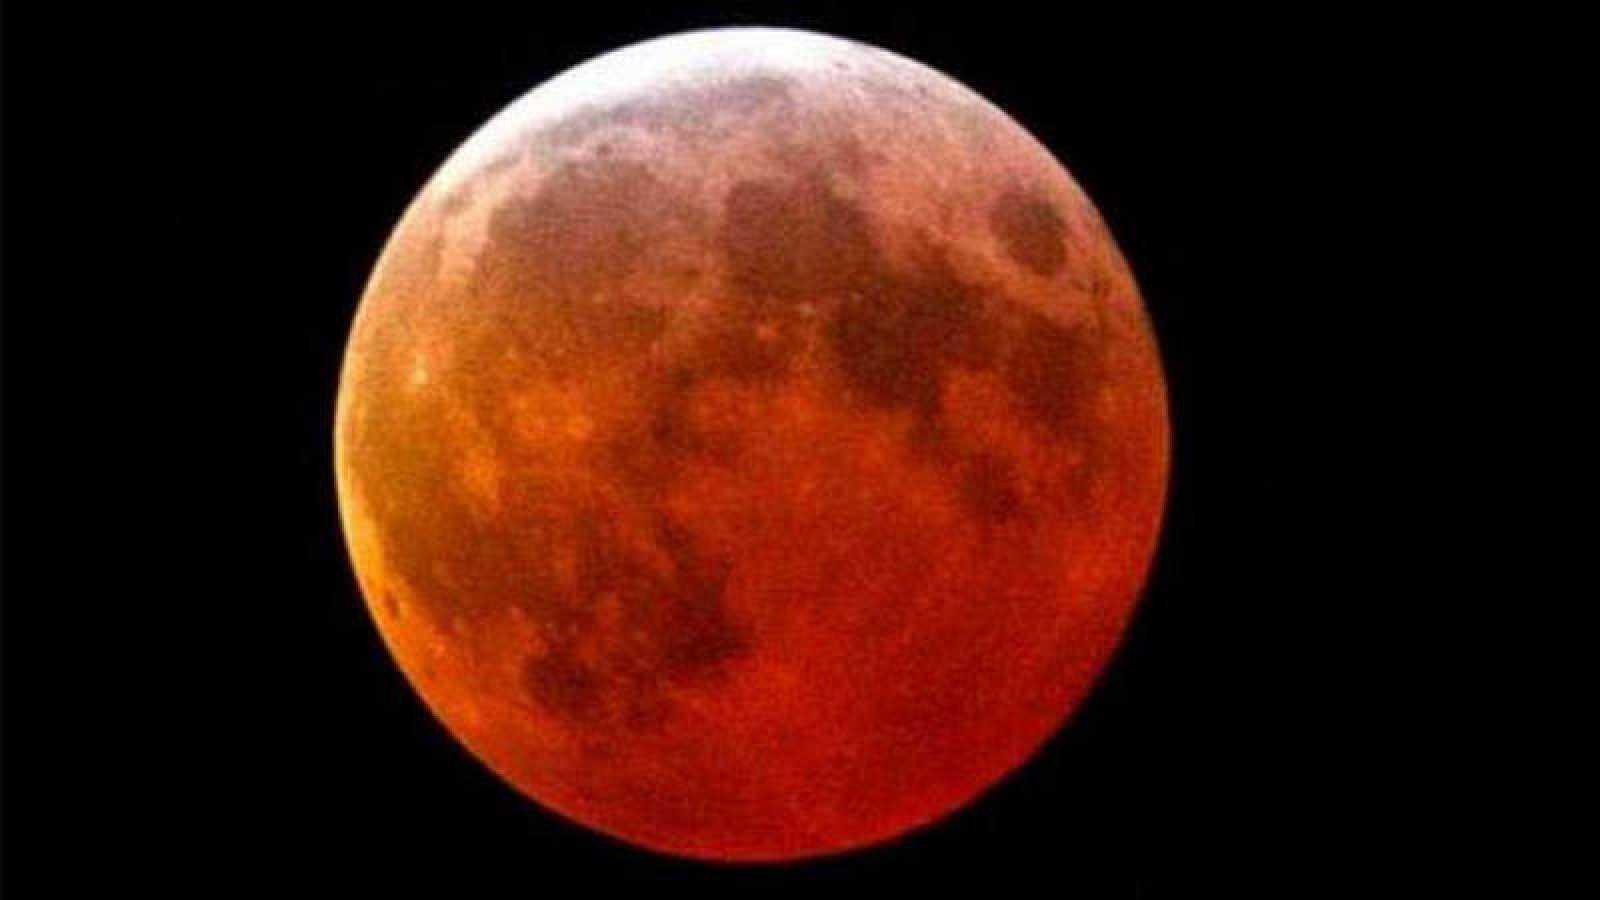 El eclipse total Lunar será visible en España, el resto de Europa y en amplias zonas de África, Asia y Oceanía.